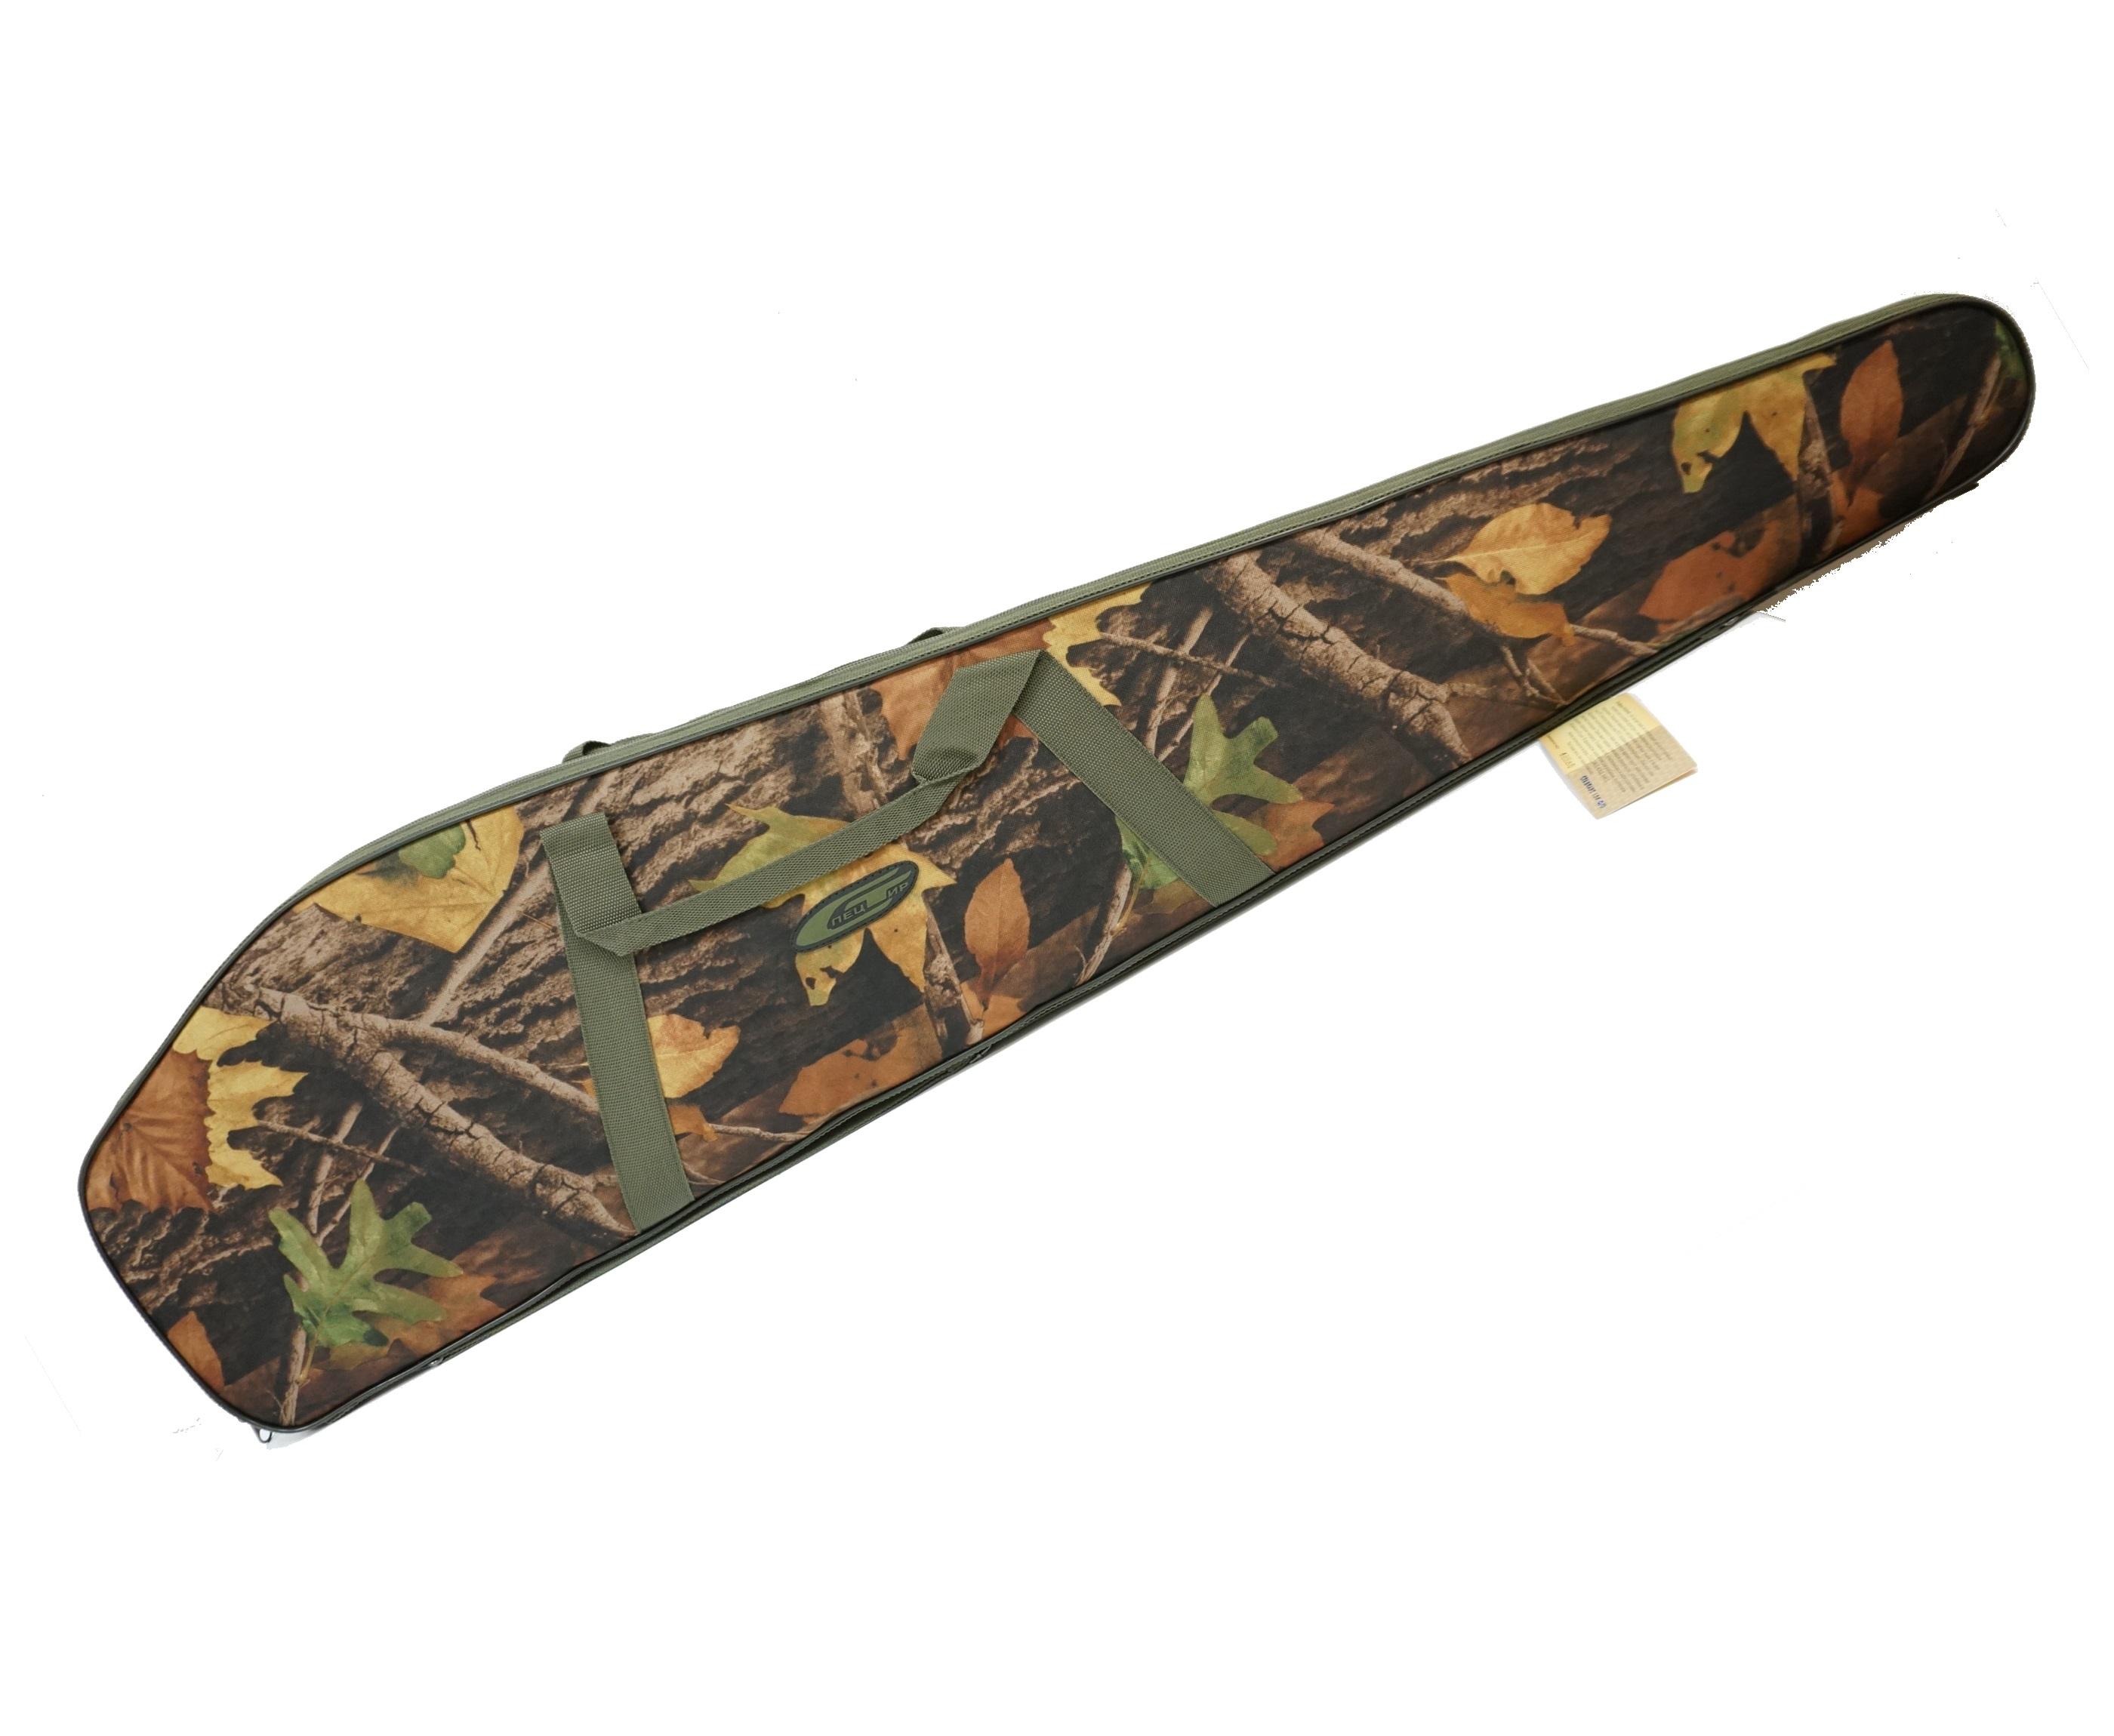 Чехол-кейс 135 см, с оптикой (синтетическая ткань)